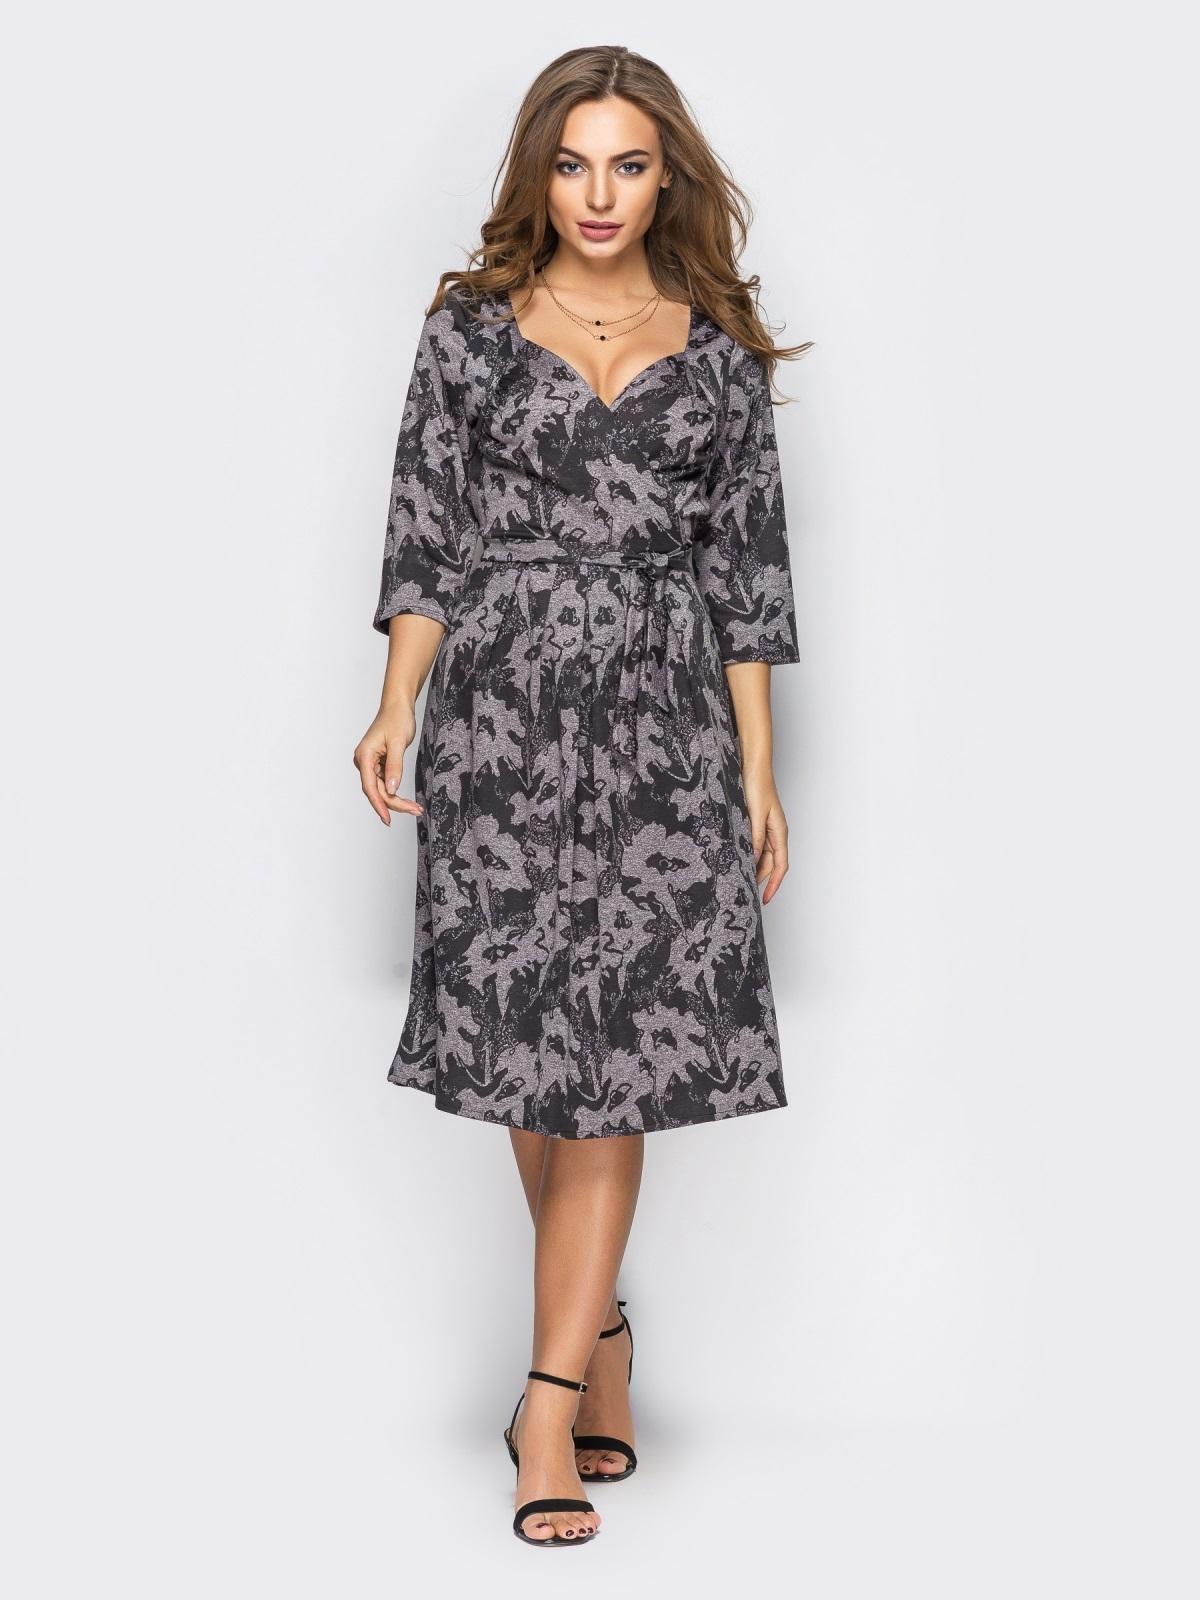 Бежевое платье на запах с рукавом / - 13663, фото 1 – интернет-магазин Dressa